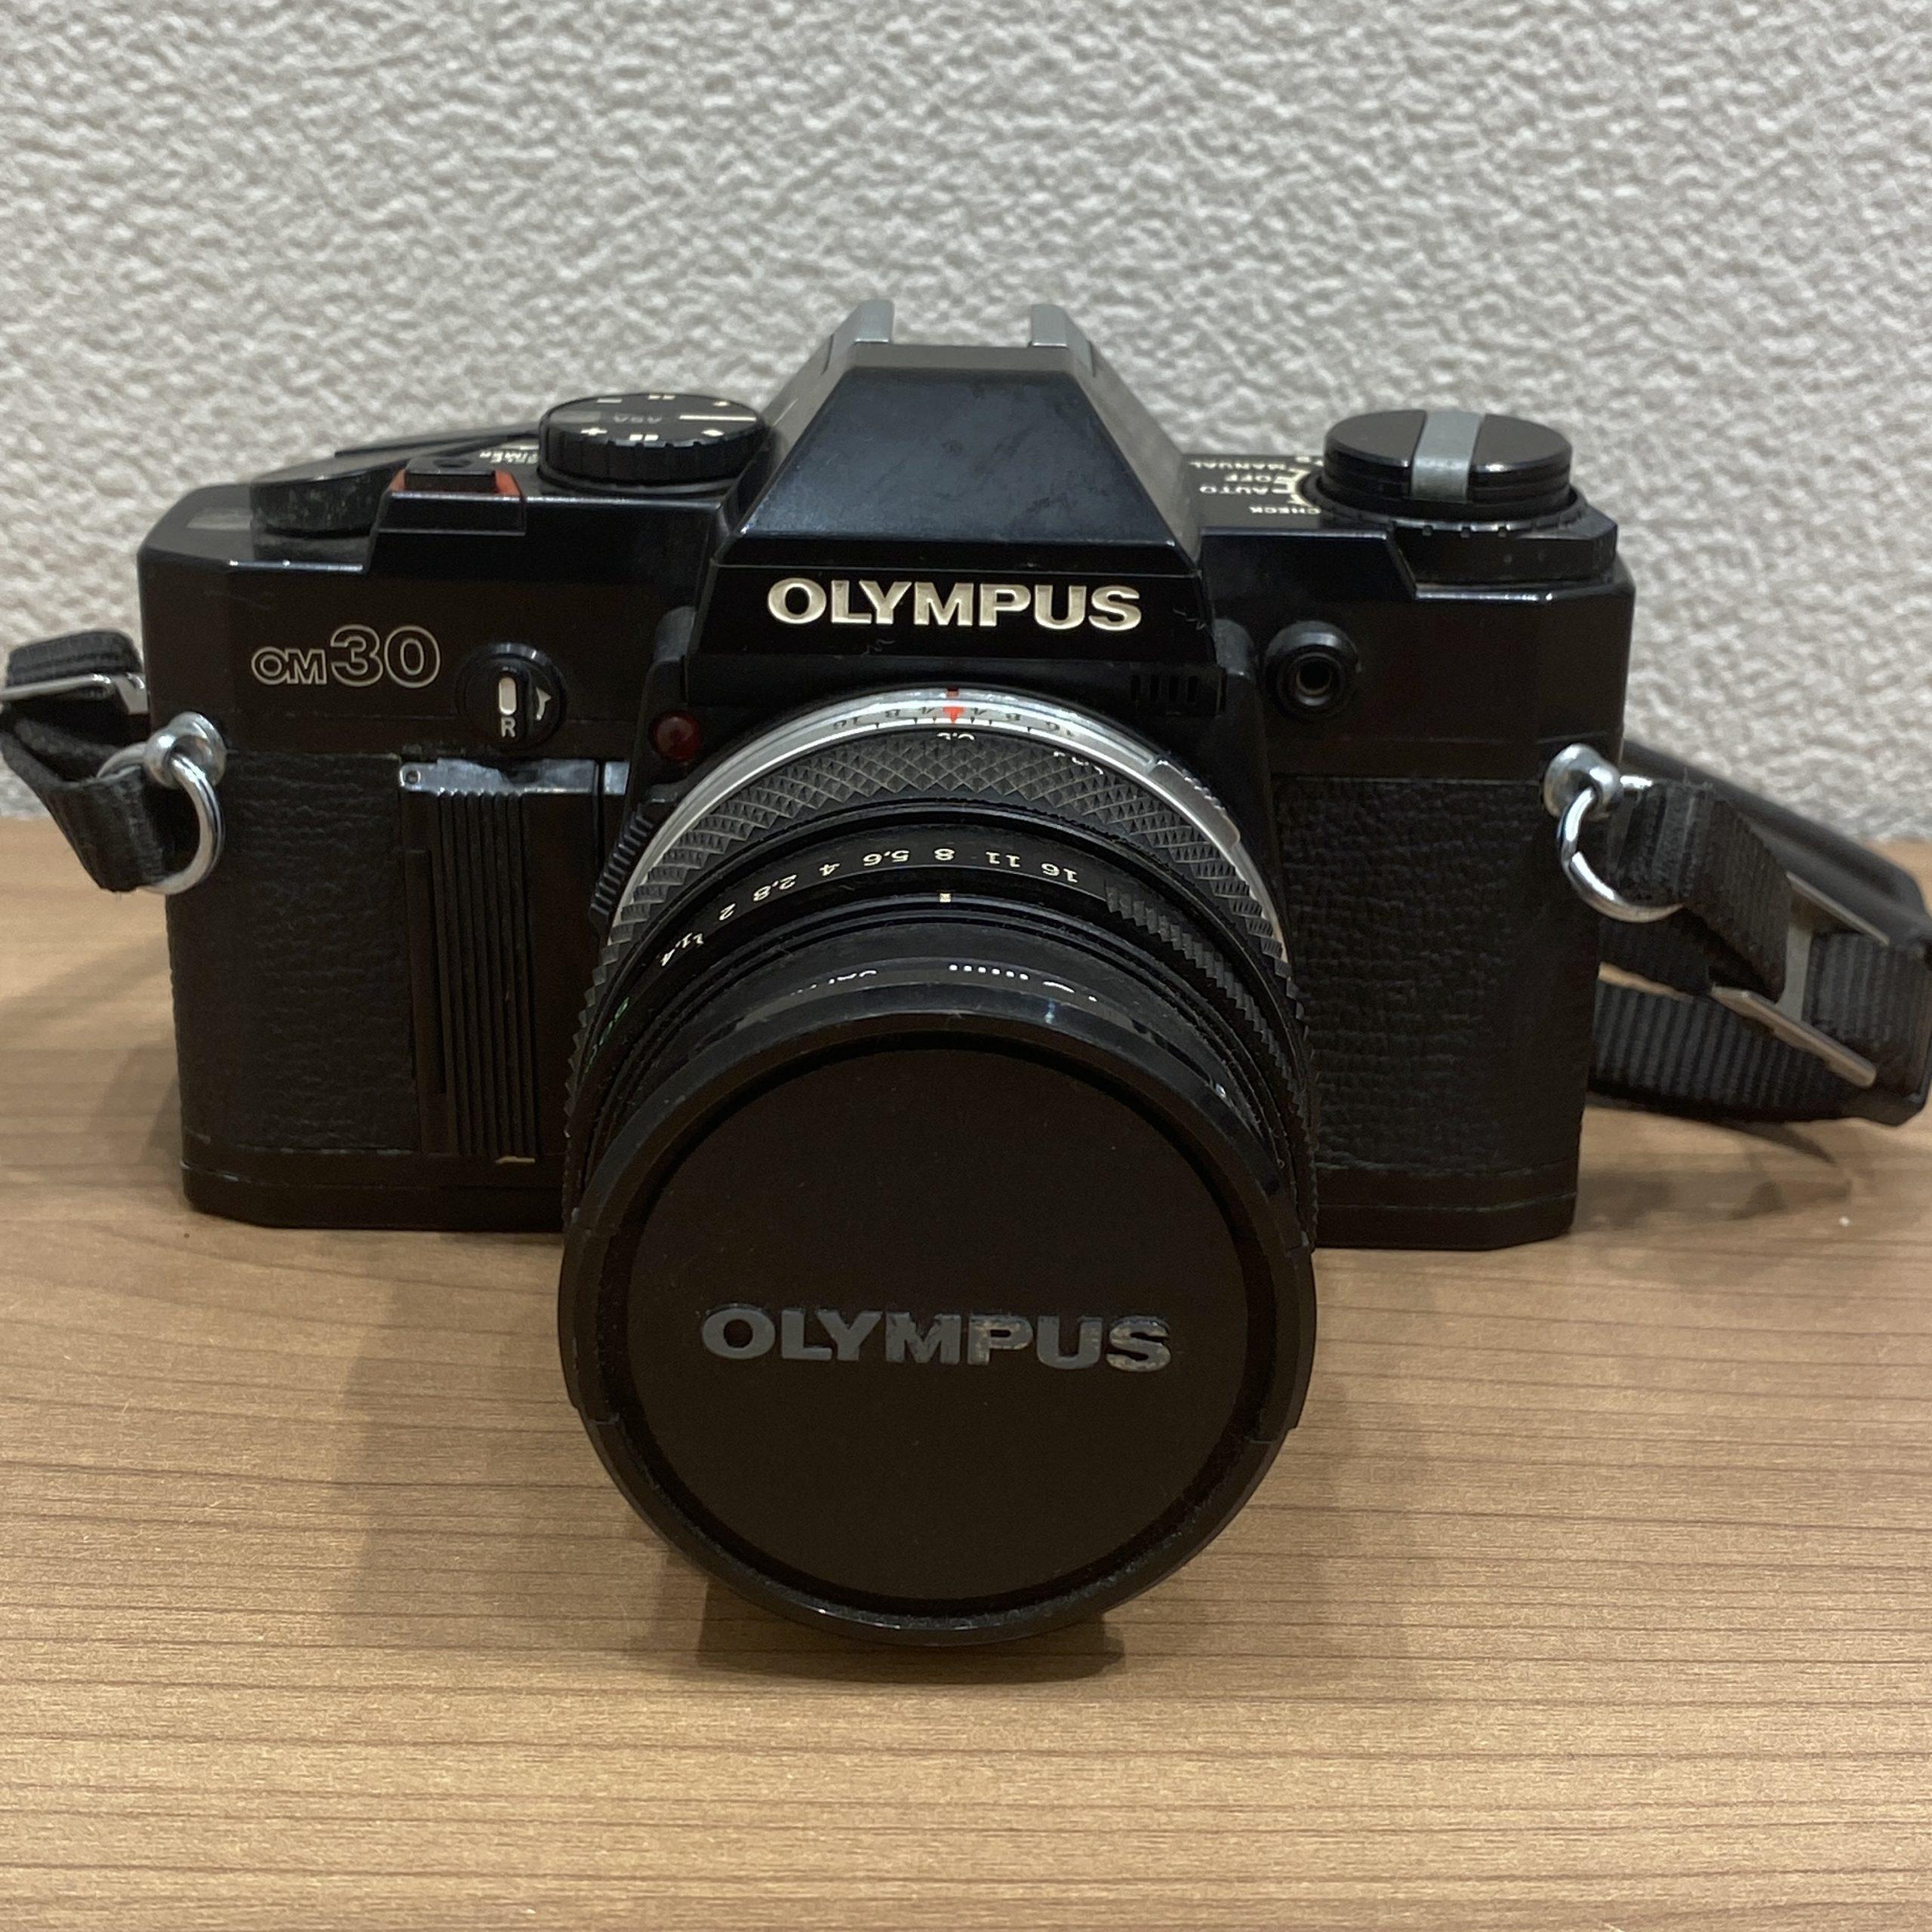 【OLYMPUS/オリンパス】OM30 フィルムカメラ